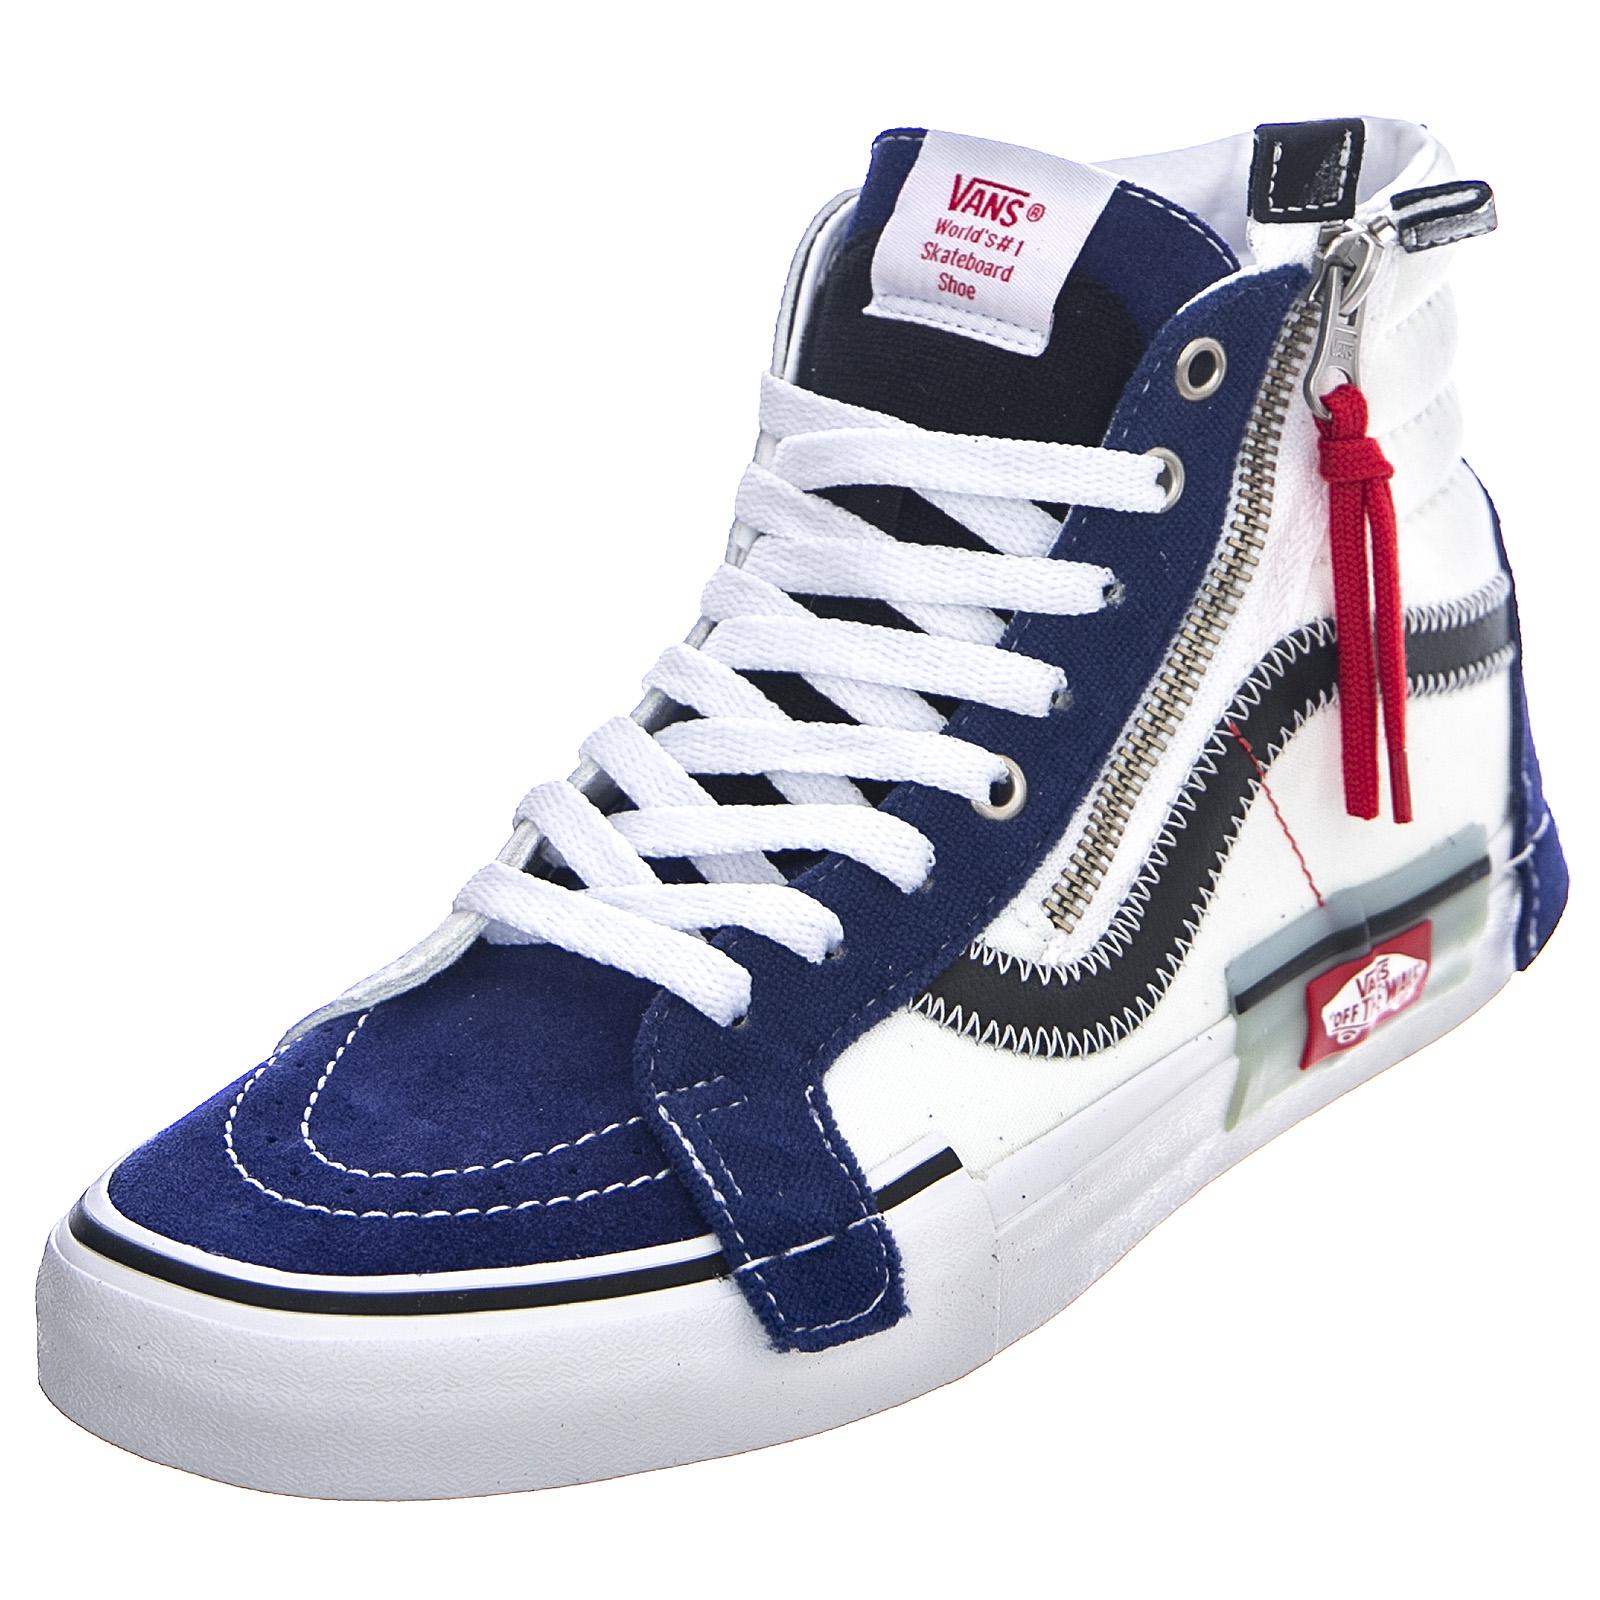 Details about Vans sk8 hi reissue cap blueprint bit of blue shoes high man multicolour